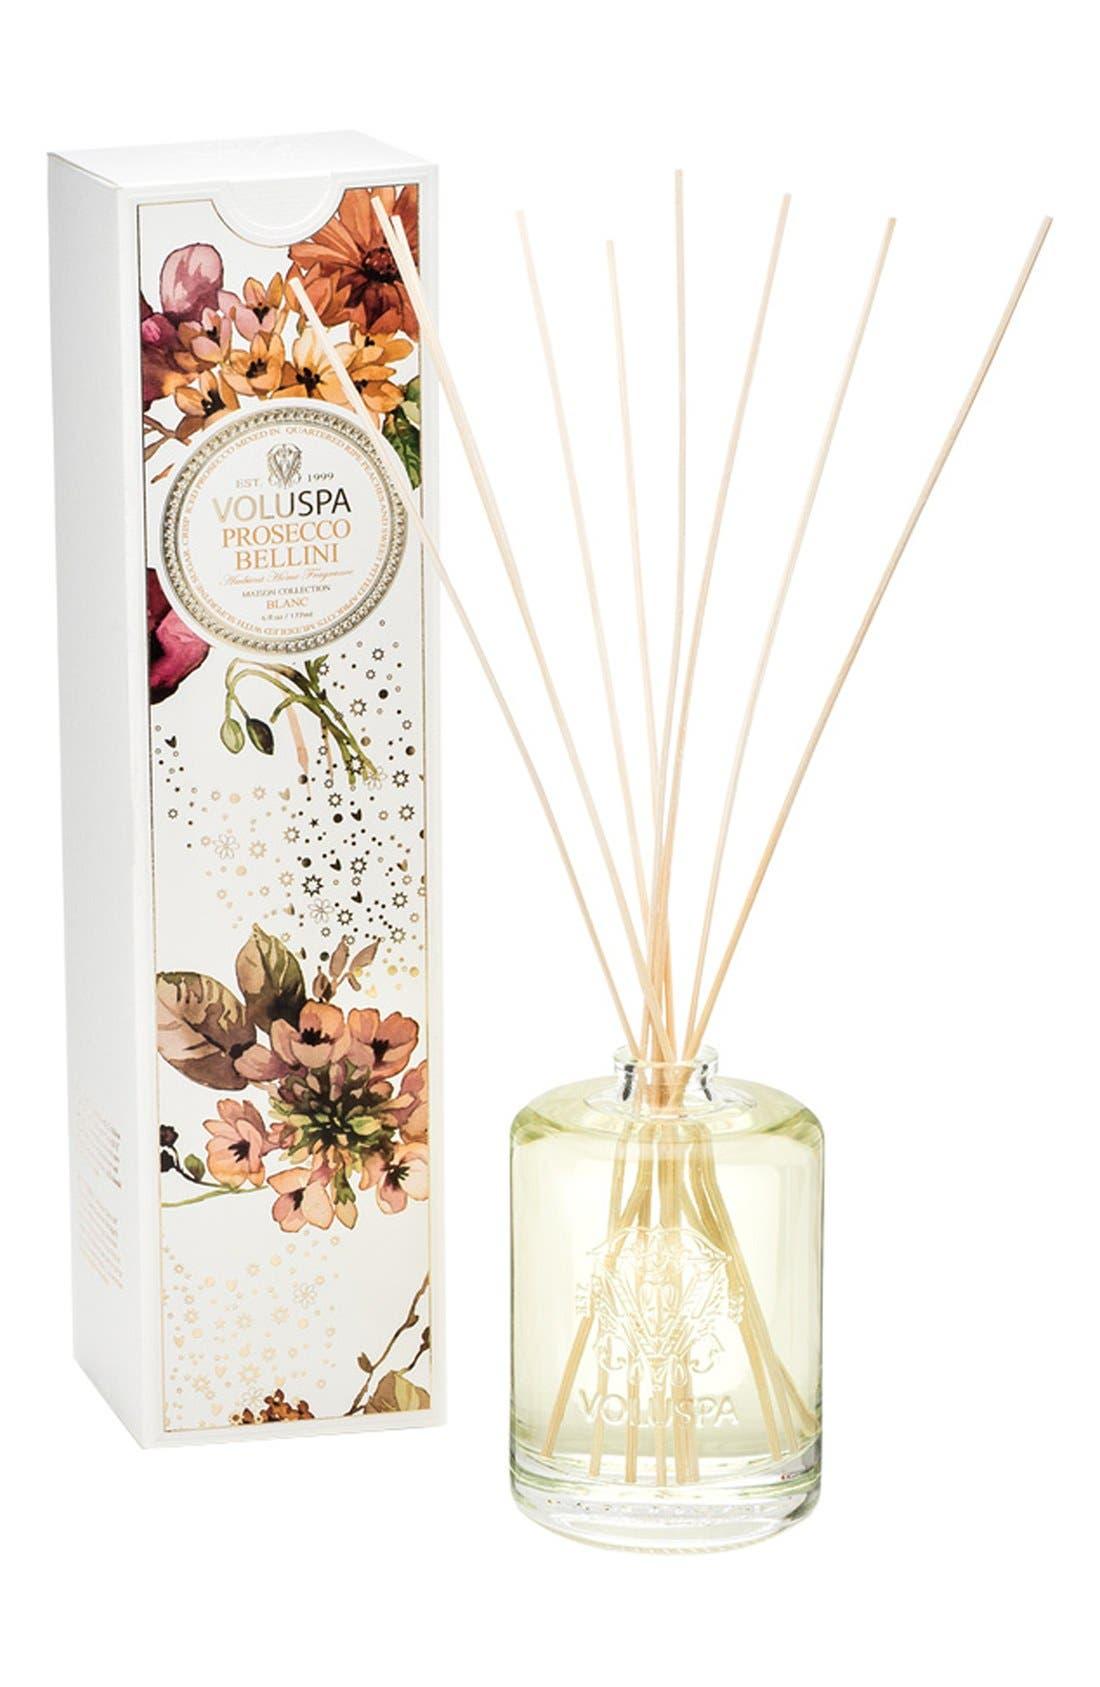 Maison Blanc Prosecco Bellini Fragrance Oil Diffuser,                             Main thumbnail 1, color,                             PROSECCO BELLINI